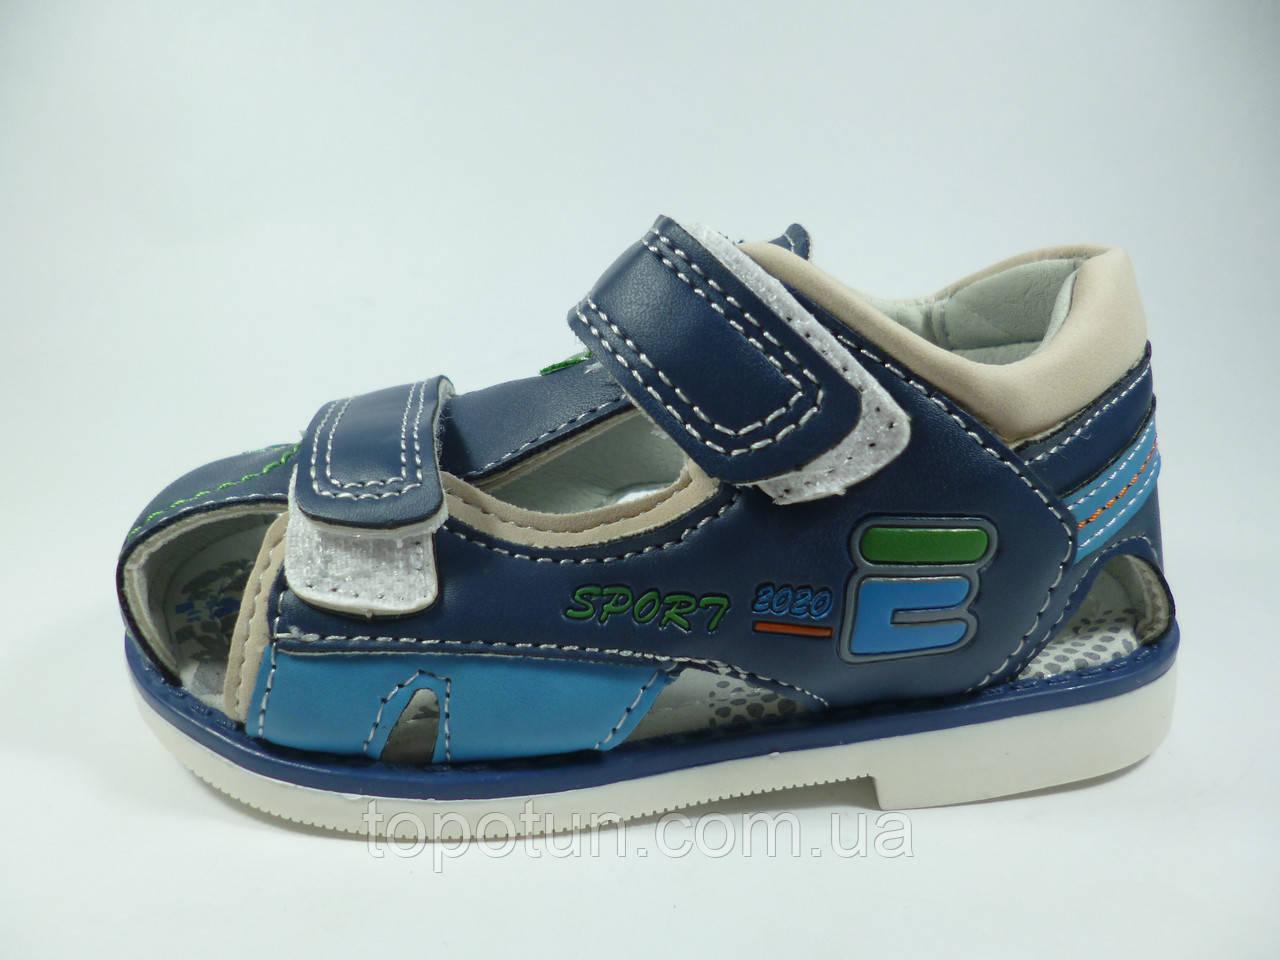 """Детские сандалии для мальчиков """"W.Niko"""" размеры: 25,26,27"""